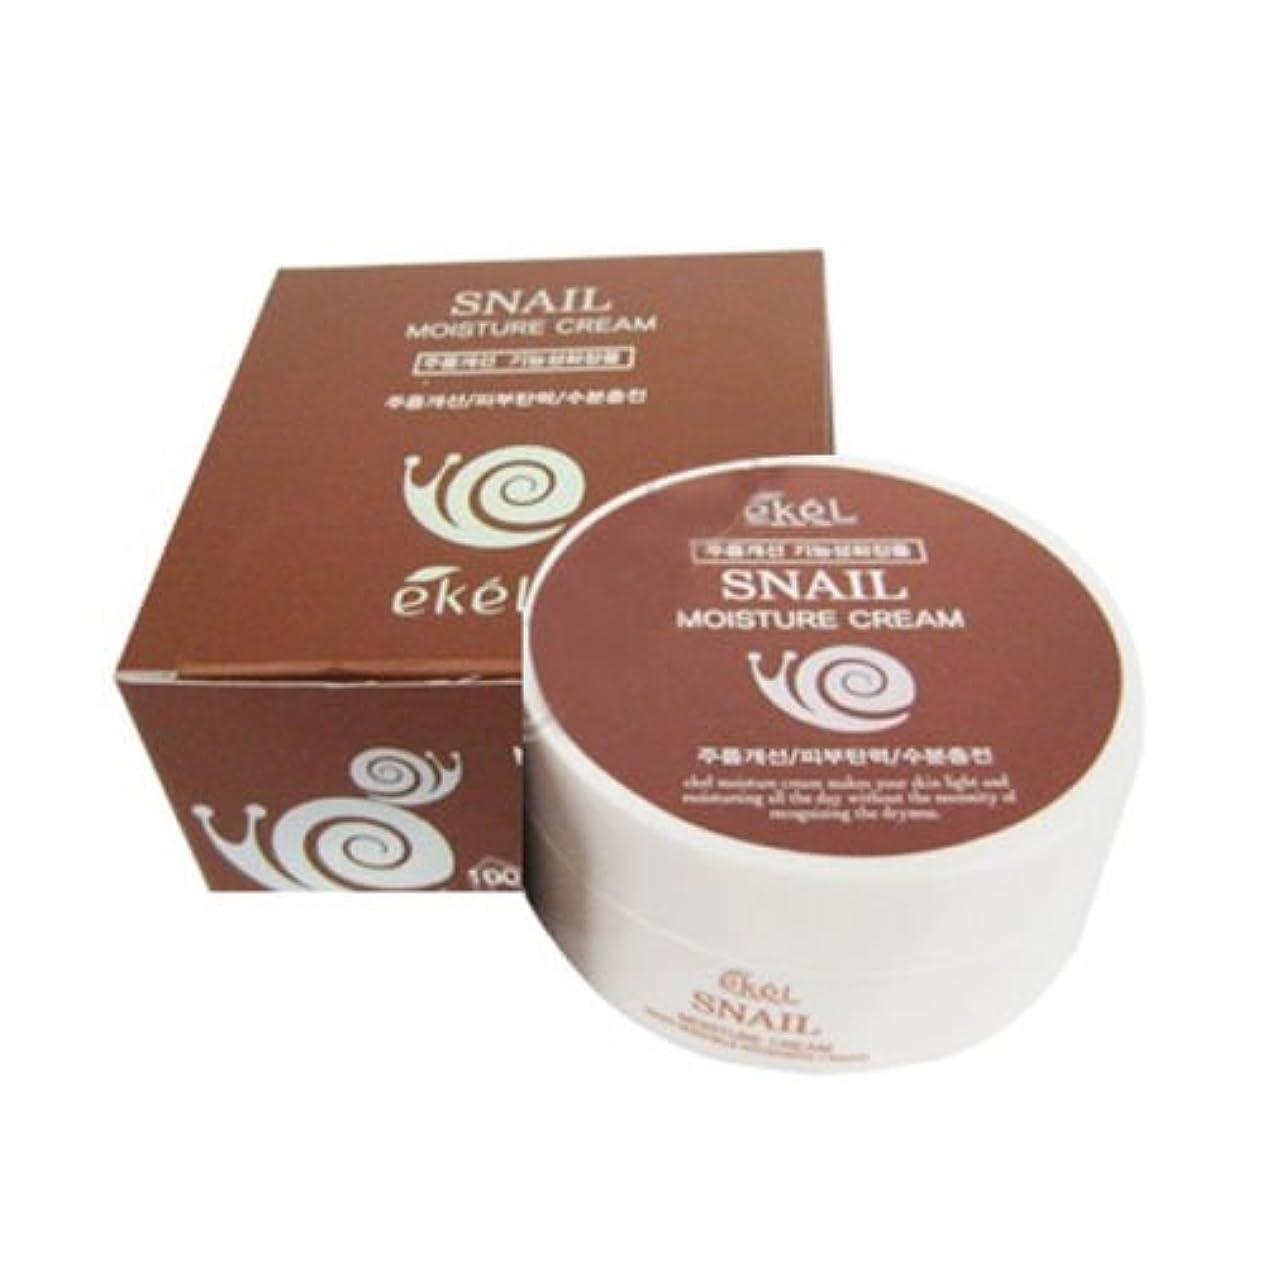 弱まる咳発掘イケル[韓国コスメEkel]Snail Moisture Cream カタツムリモイスチャークリーム100g [並行輸入品]